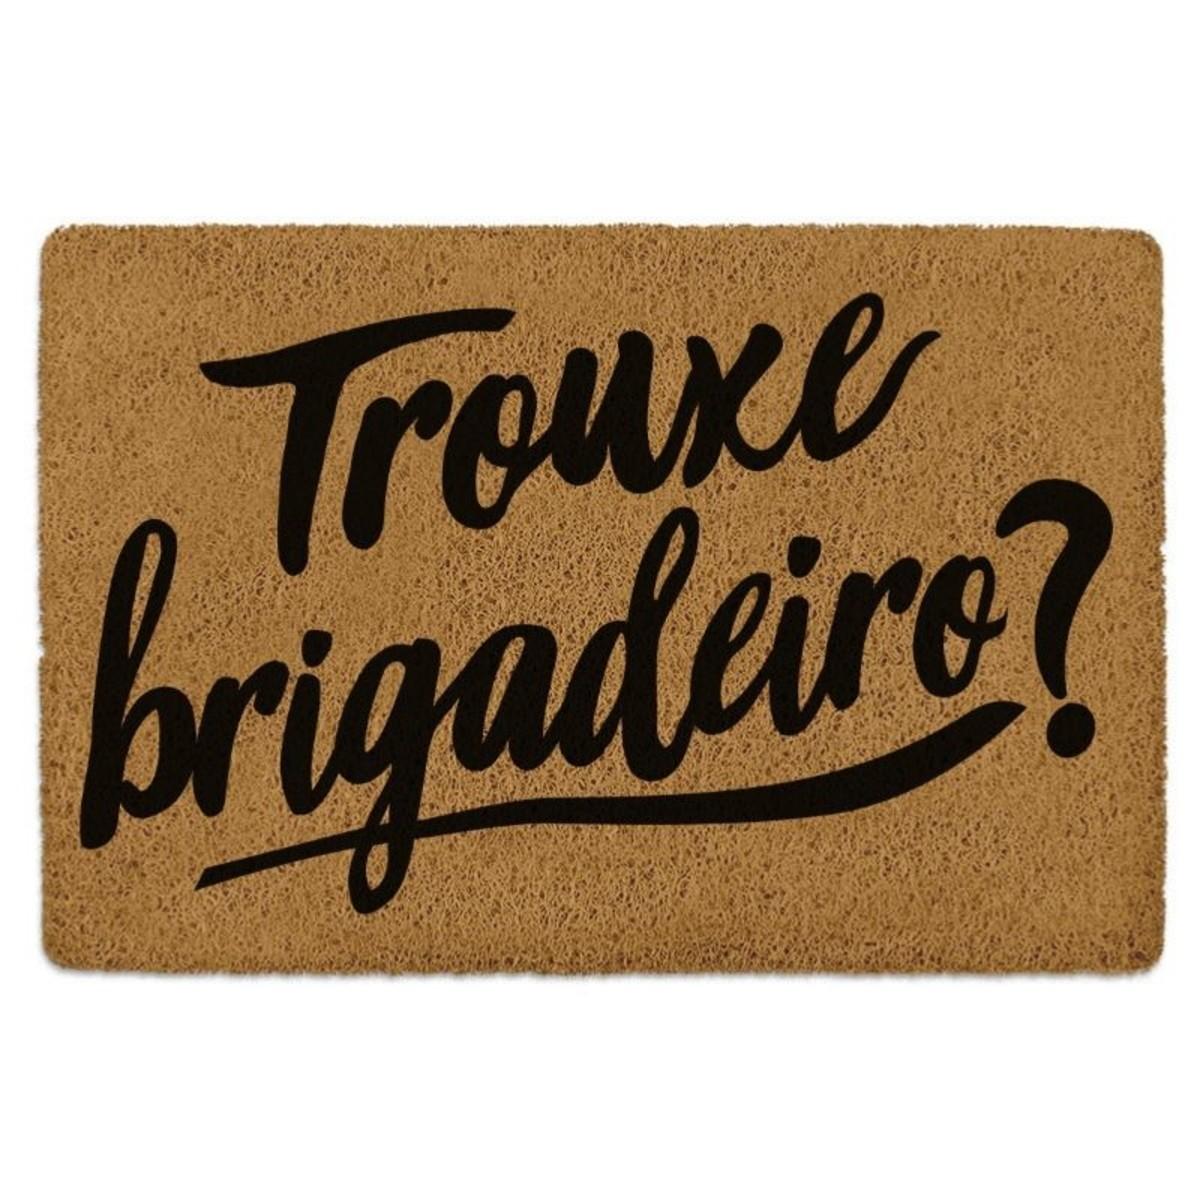 TAPETE CAPACHO TROUXE BRIGADEIRO